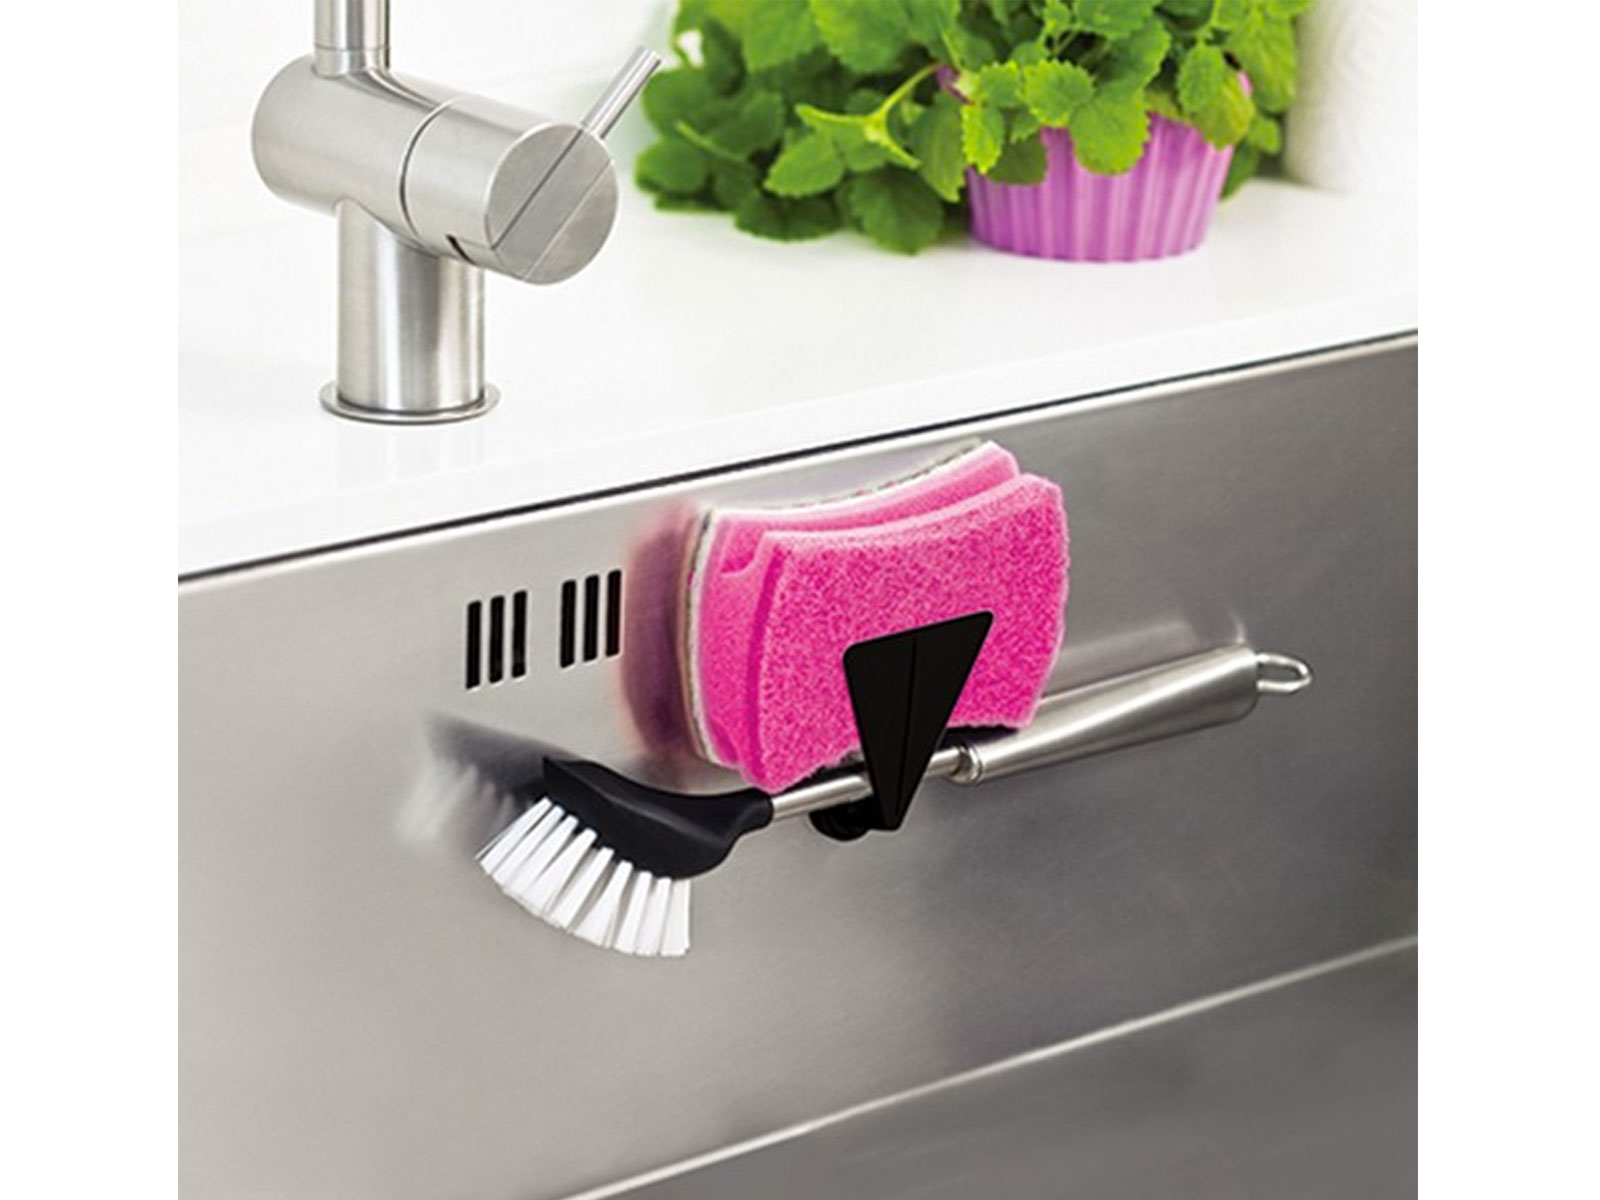 Handdoek Ophangen Keuken : Magnetische accessoires voor vaatdoeken en handdoeken